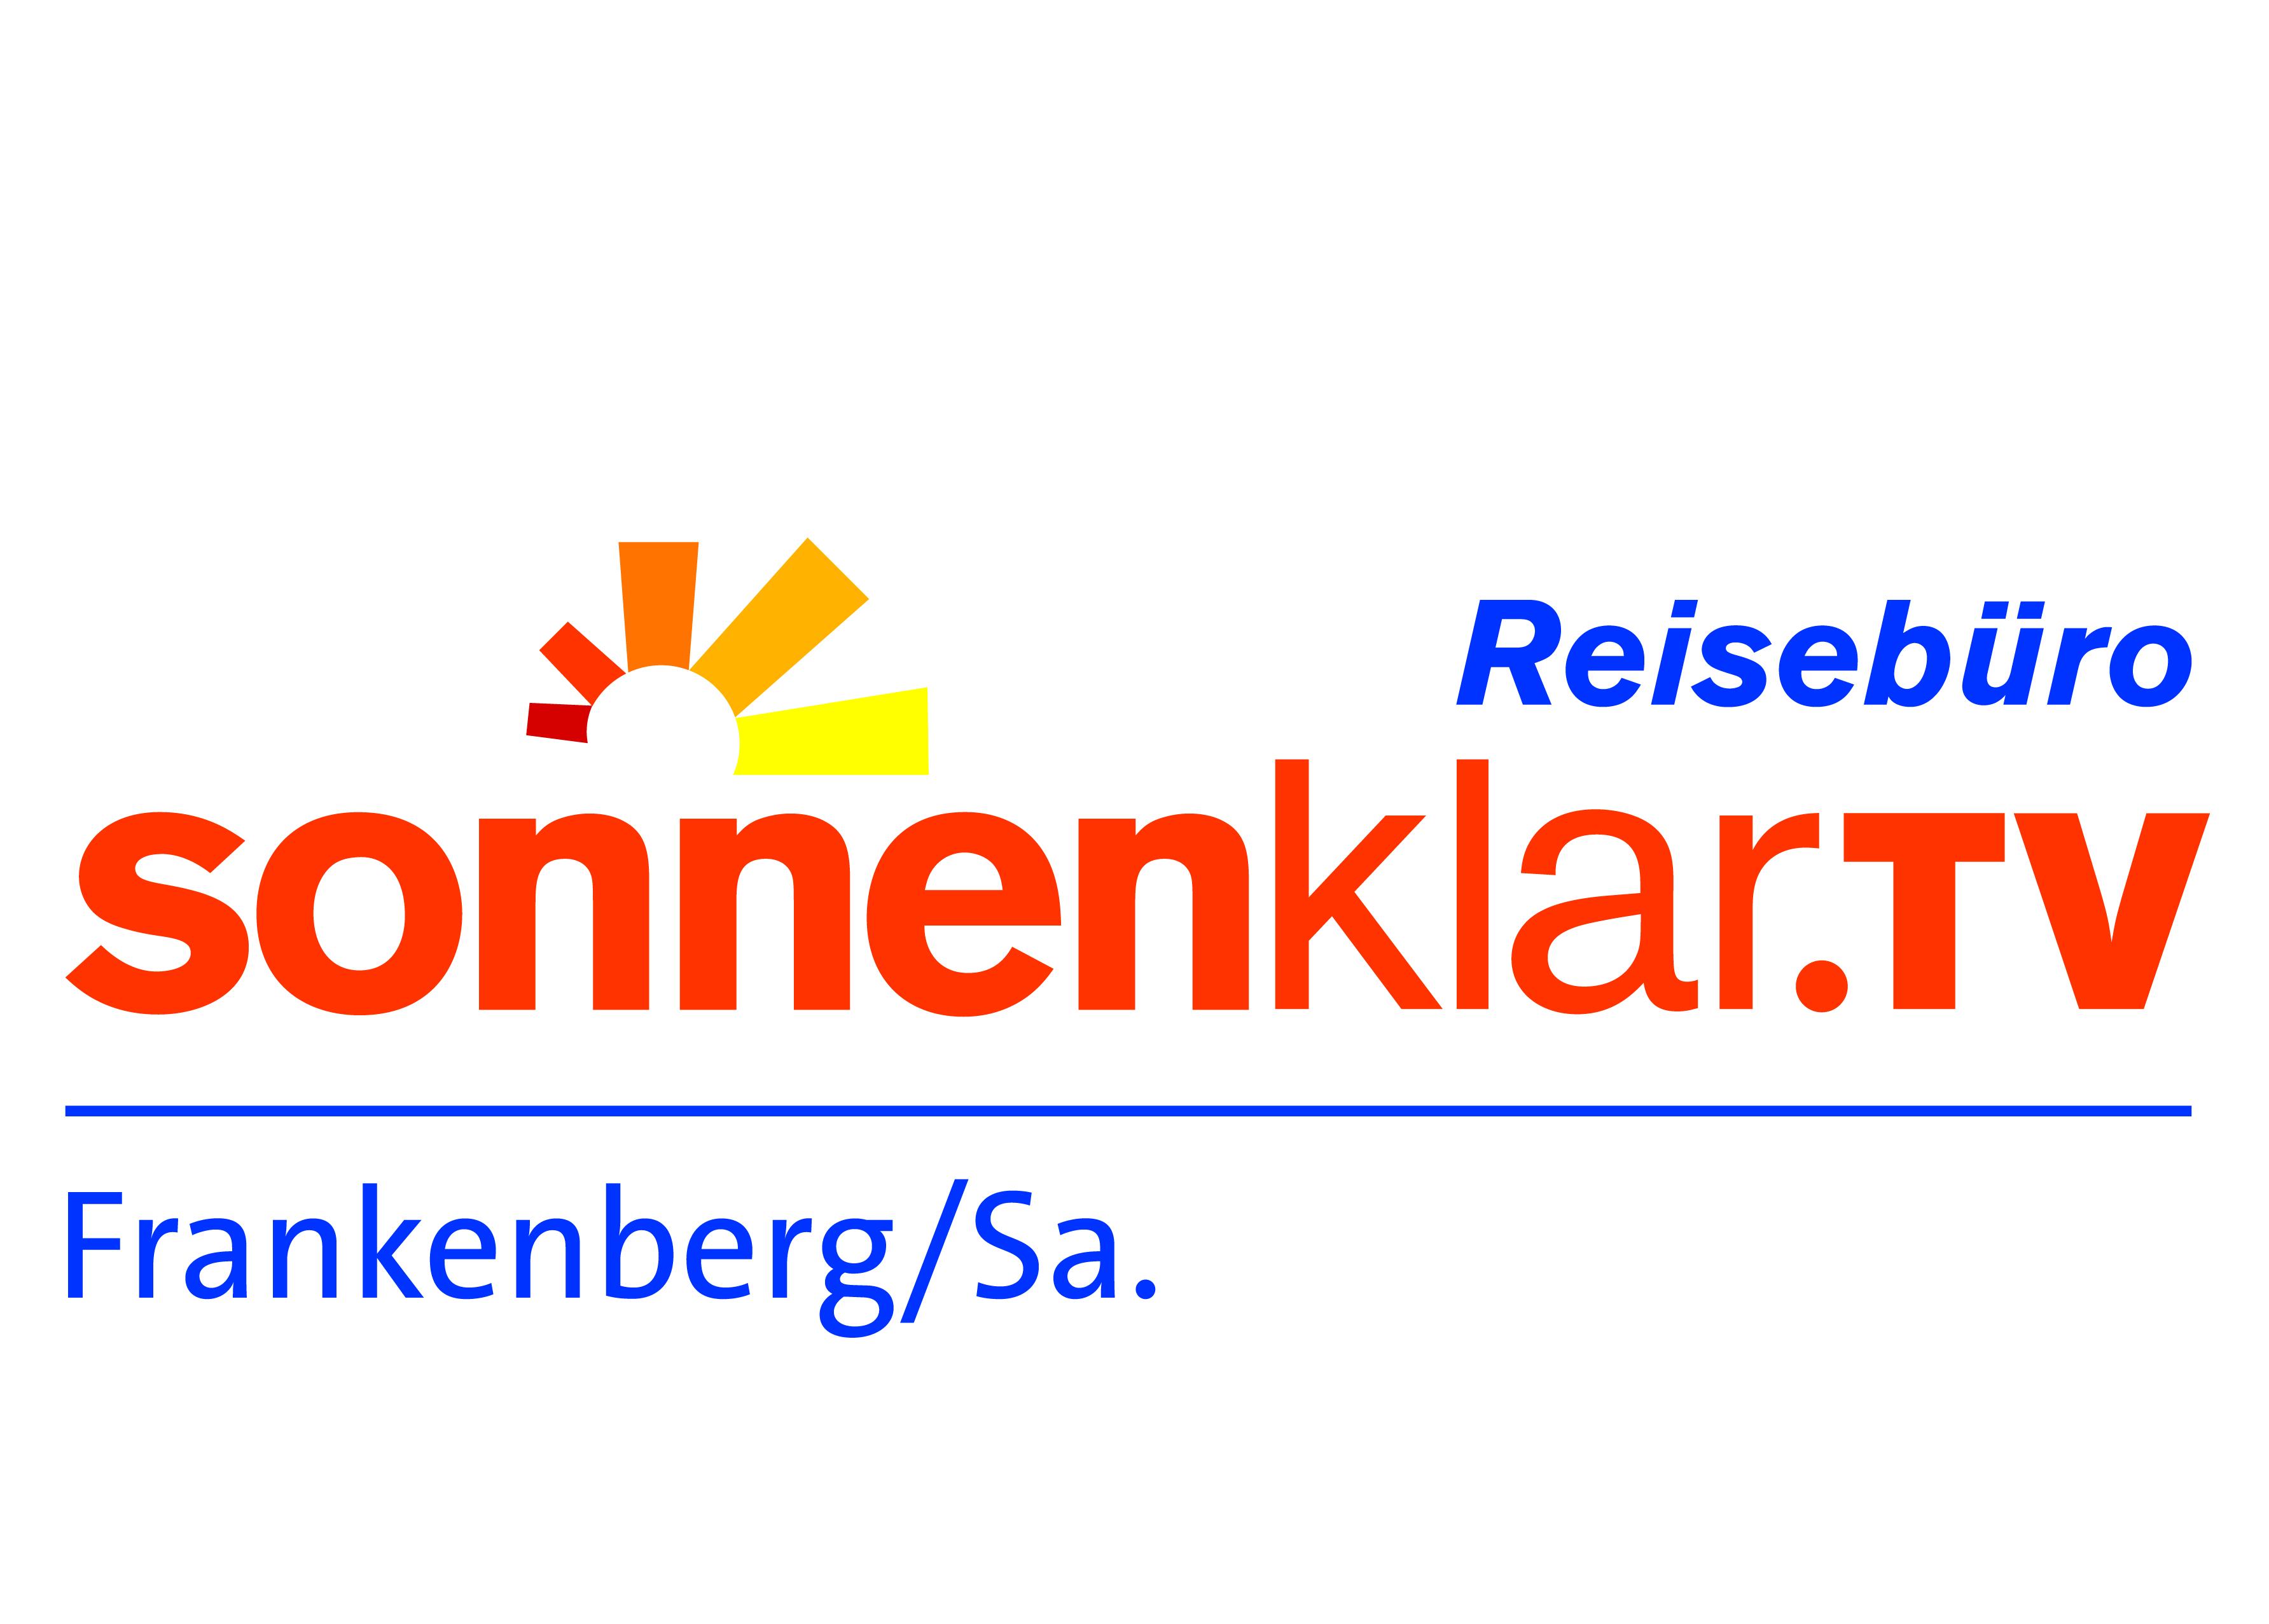 sonnenklar.TV_reisebuero-frankenberg_4c